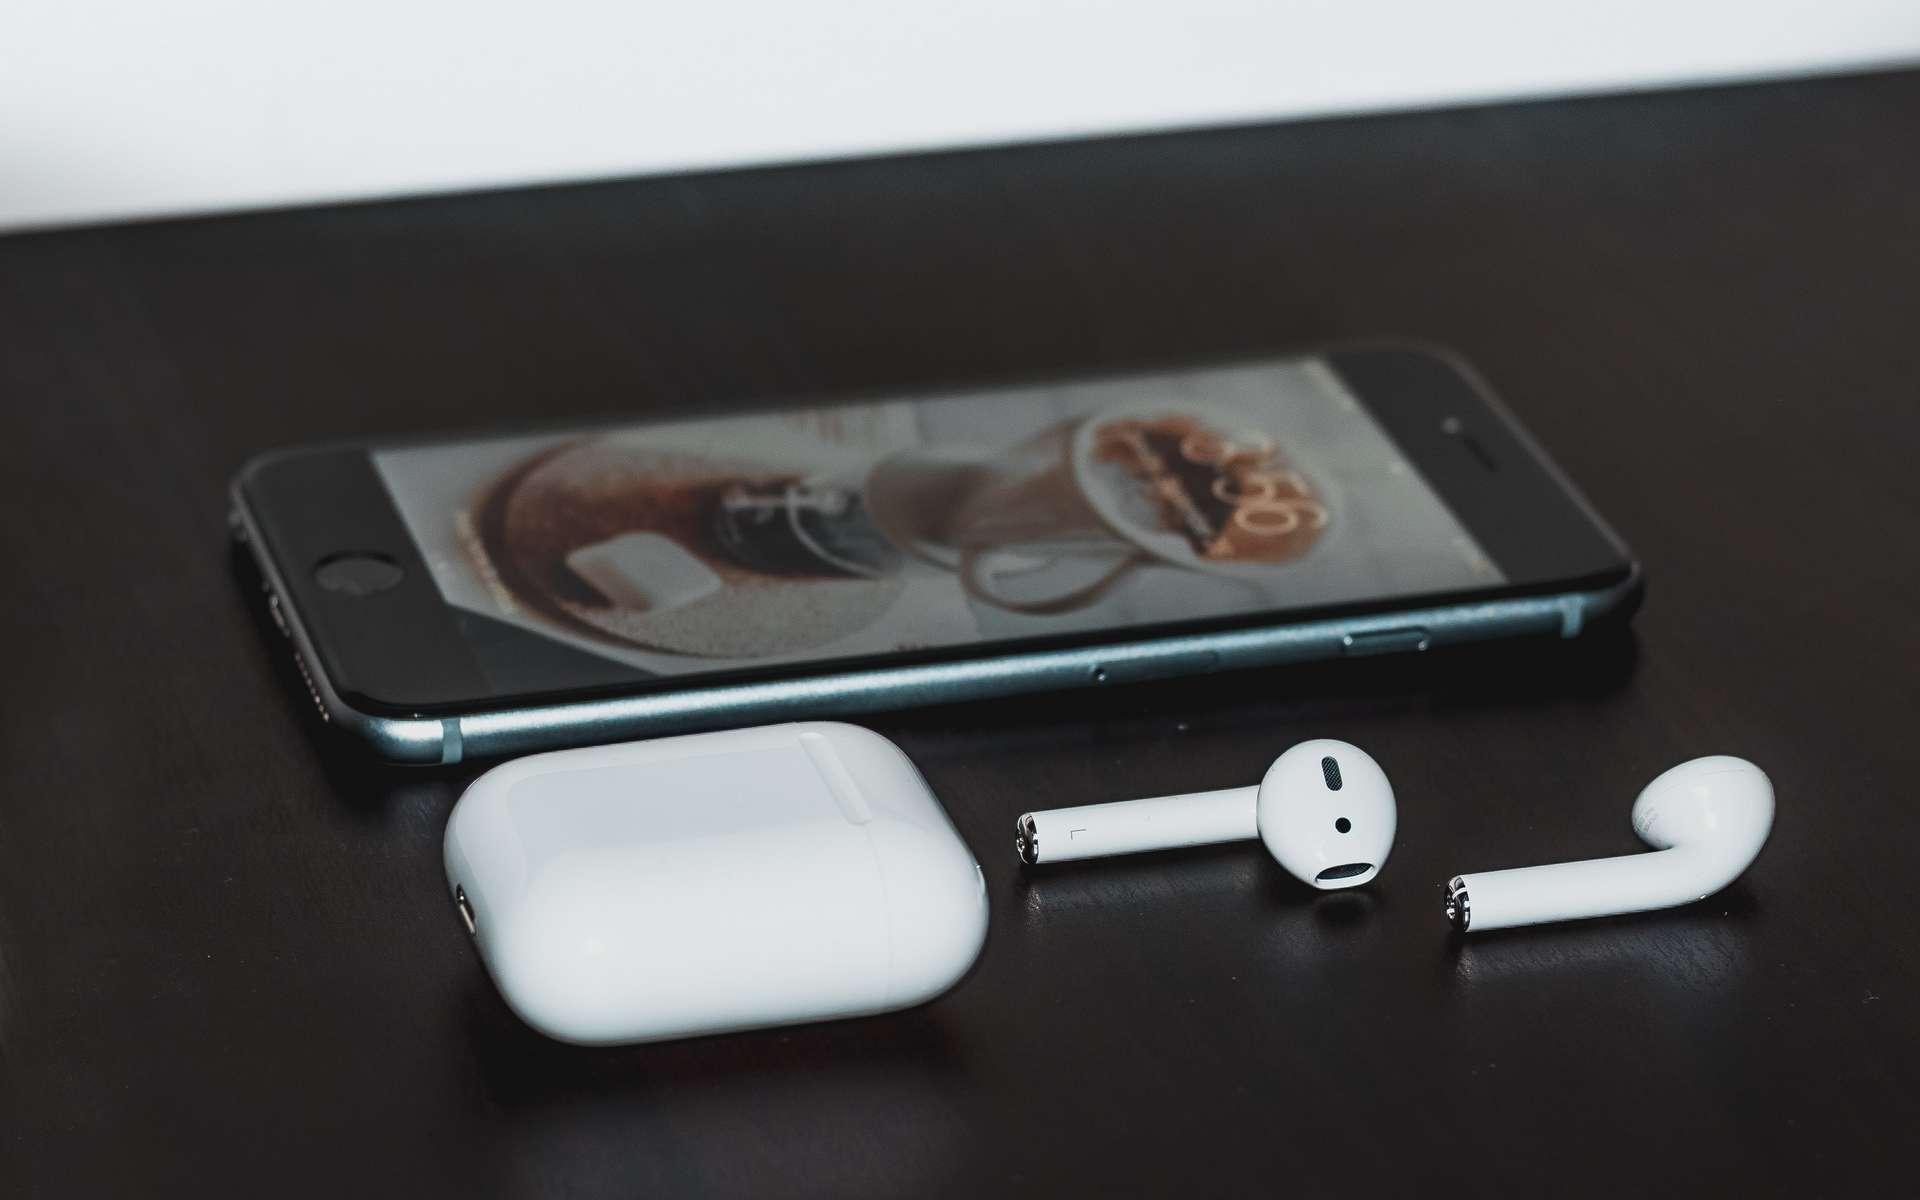 Airdots Redmi et les AirPods 2 Apple en promo pendant les French Days Cdiscount © Ben Kolde, Unsplash